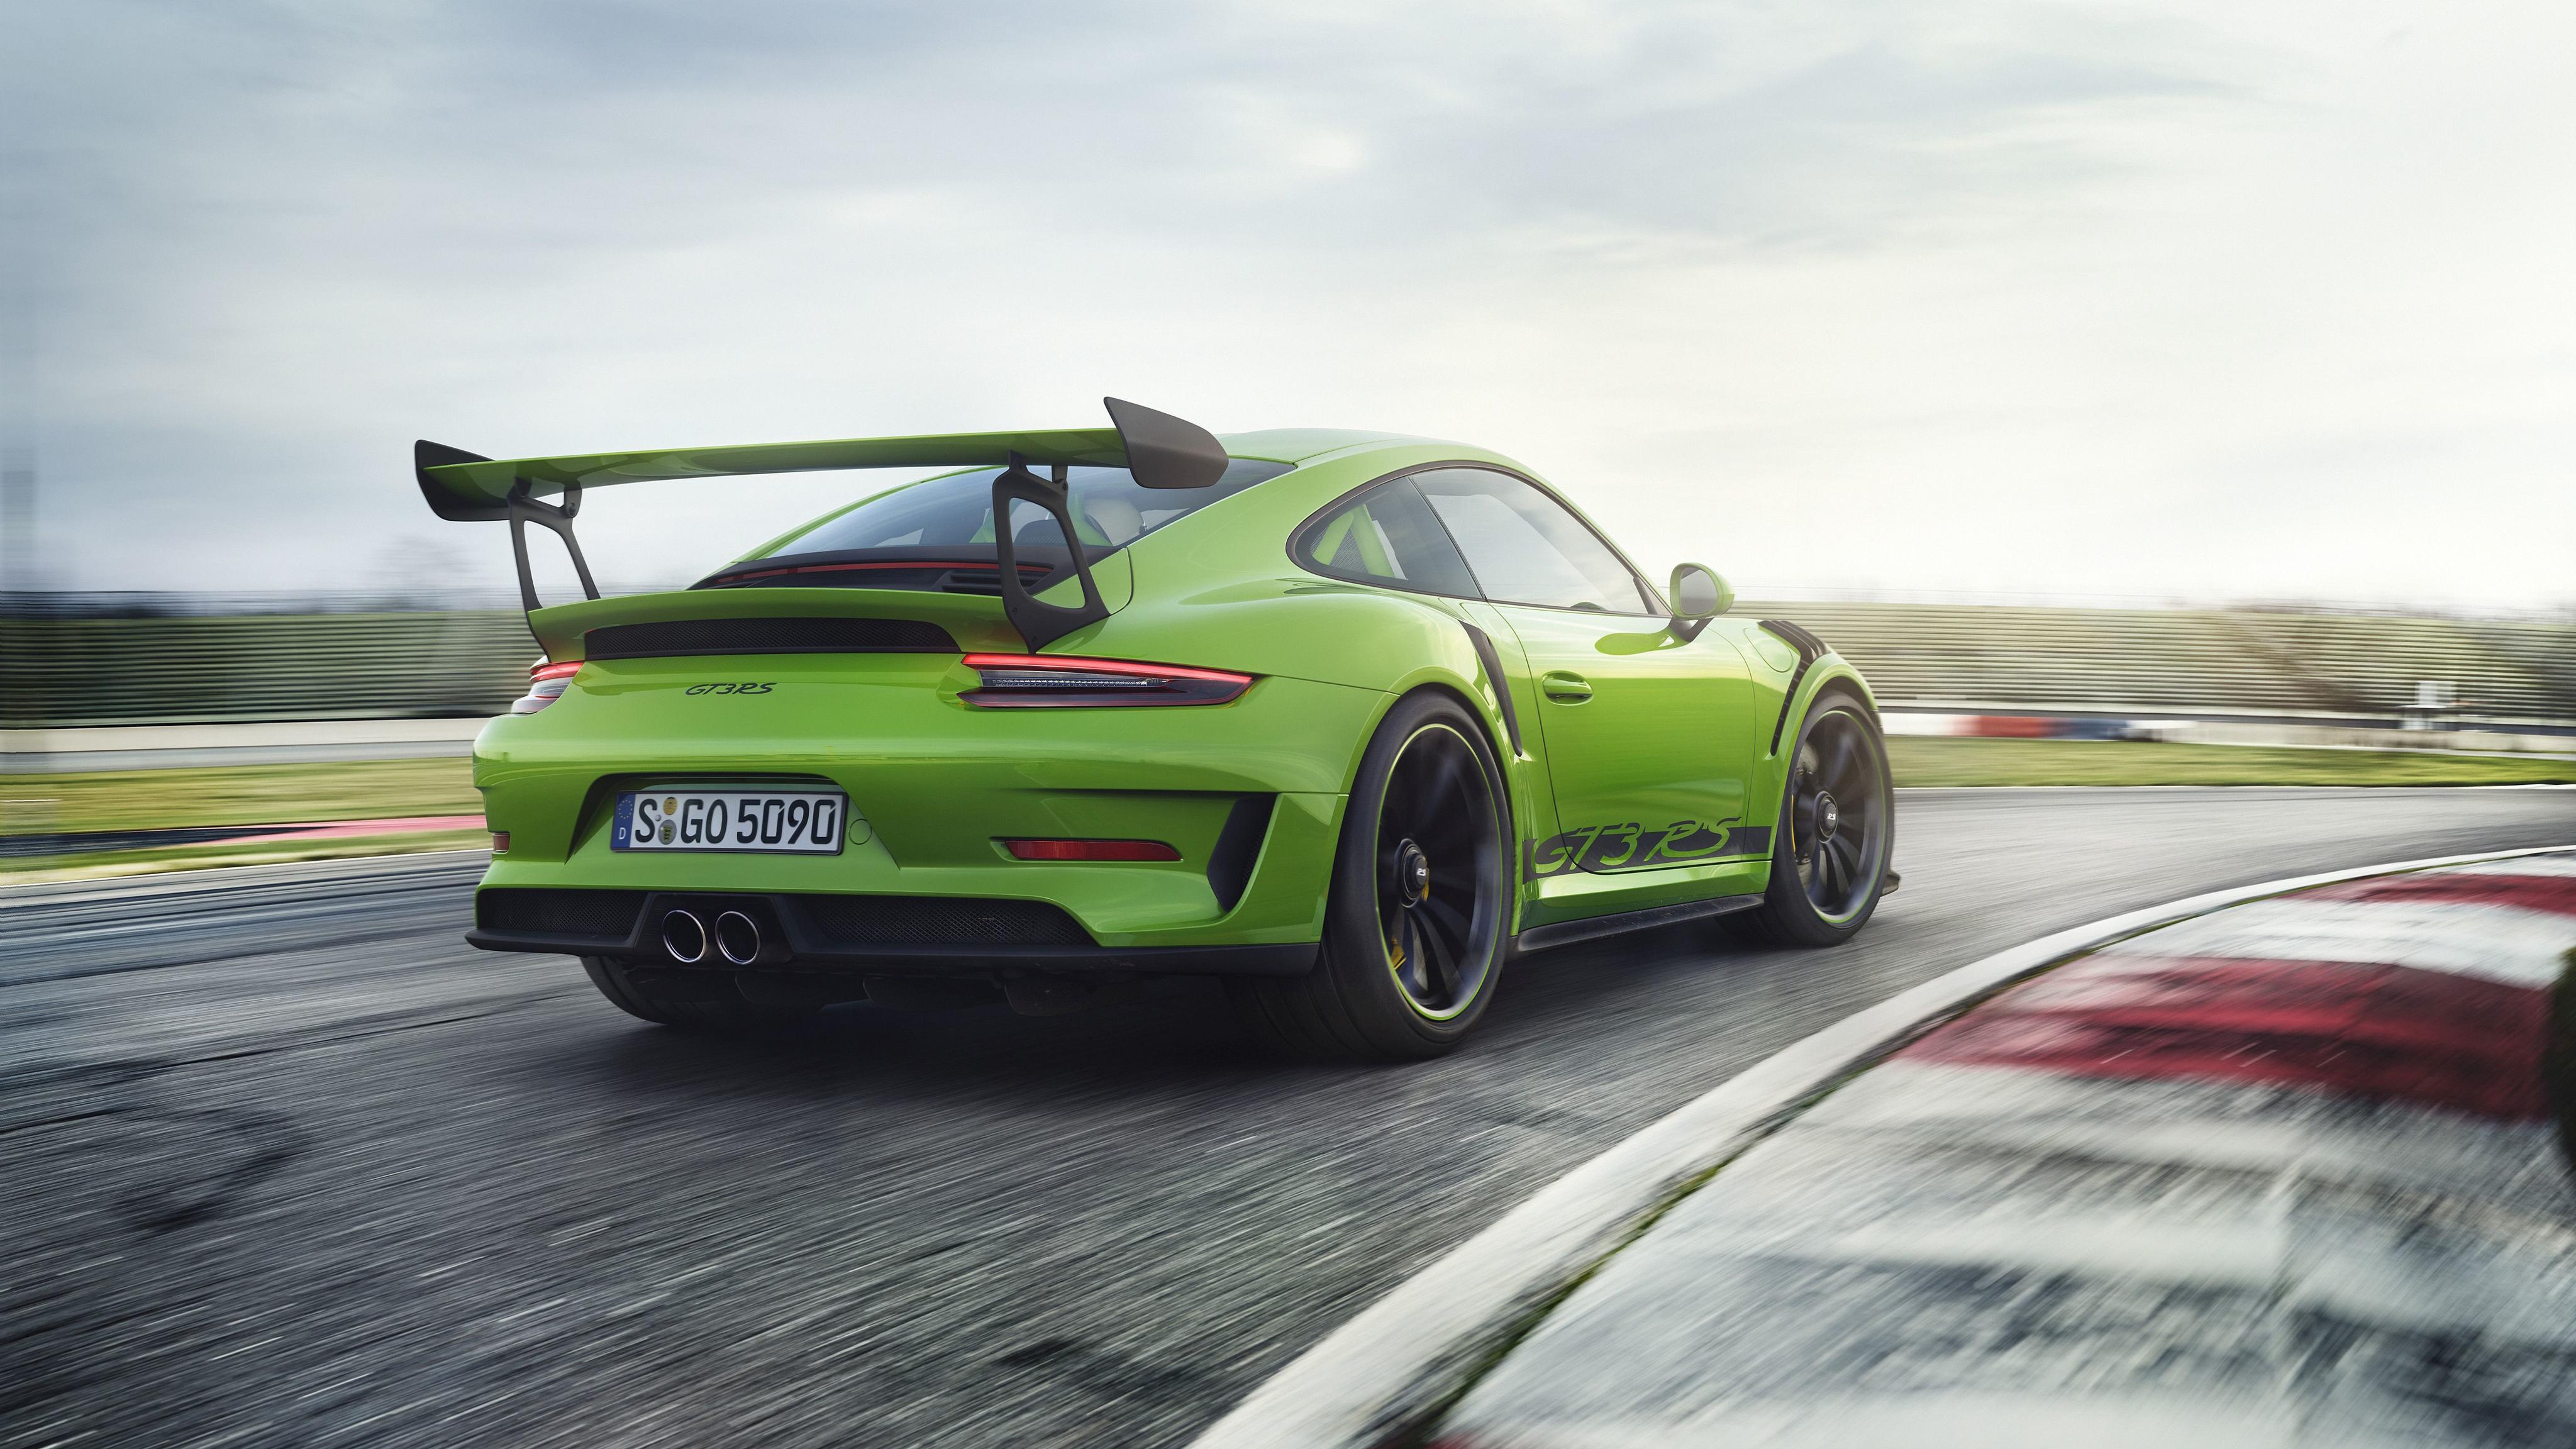 2018 Porsche 911 Gt3 Rs 4k 356174 Hd Wallpaper